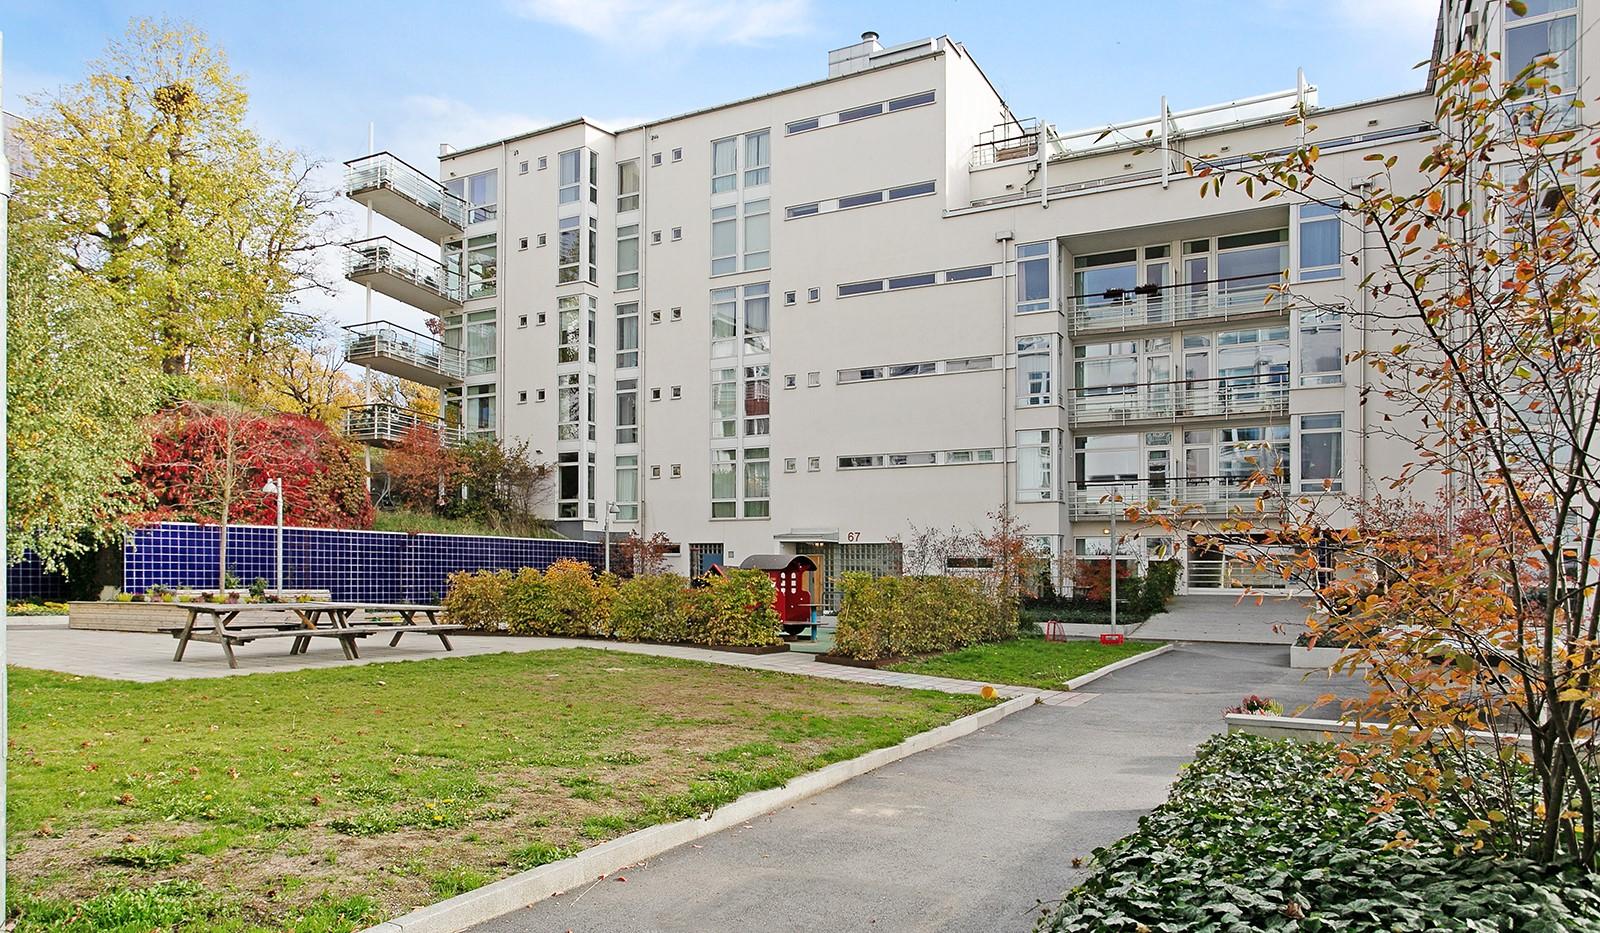 Sickla kanalgata 67, 3 tr - Föreningens trevliga innergård med lekplats, planteringar och sittplatser.